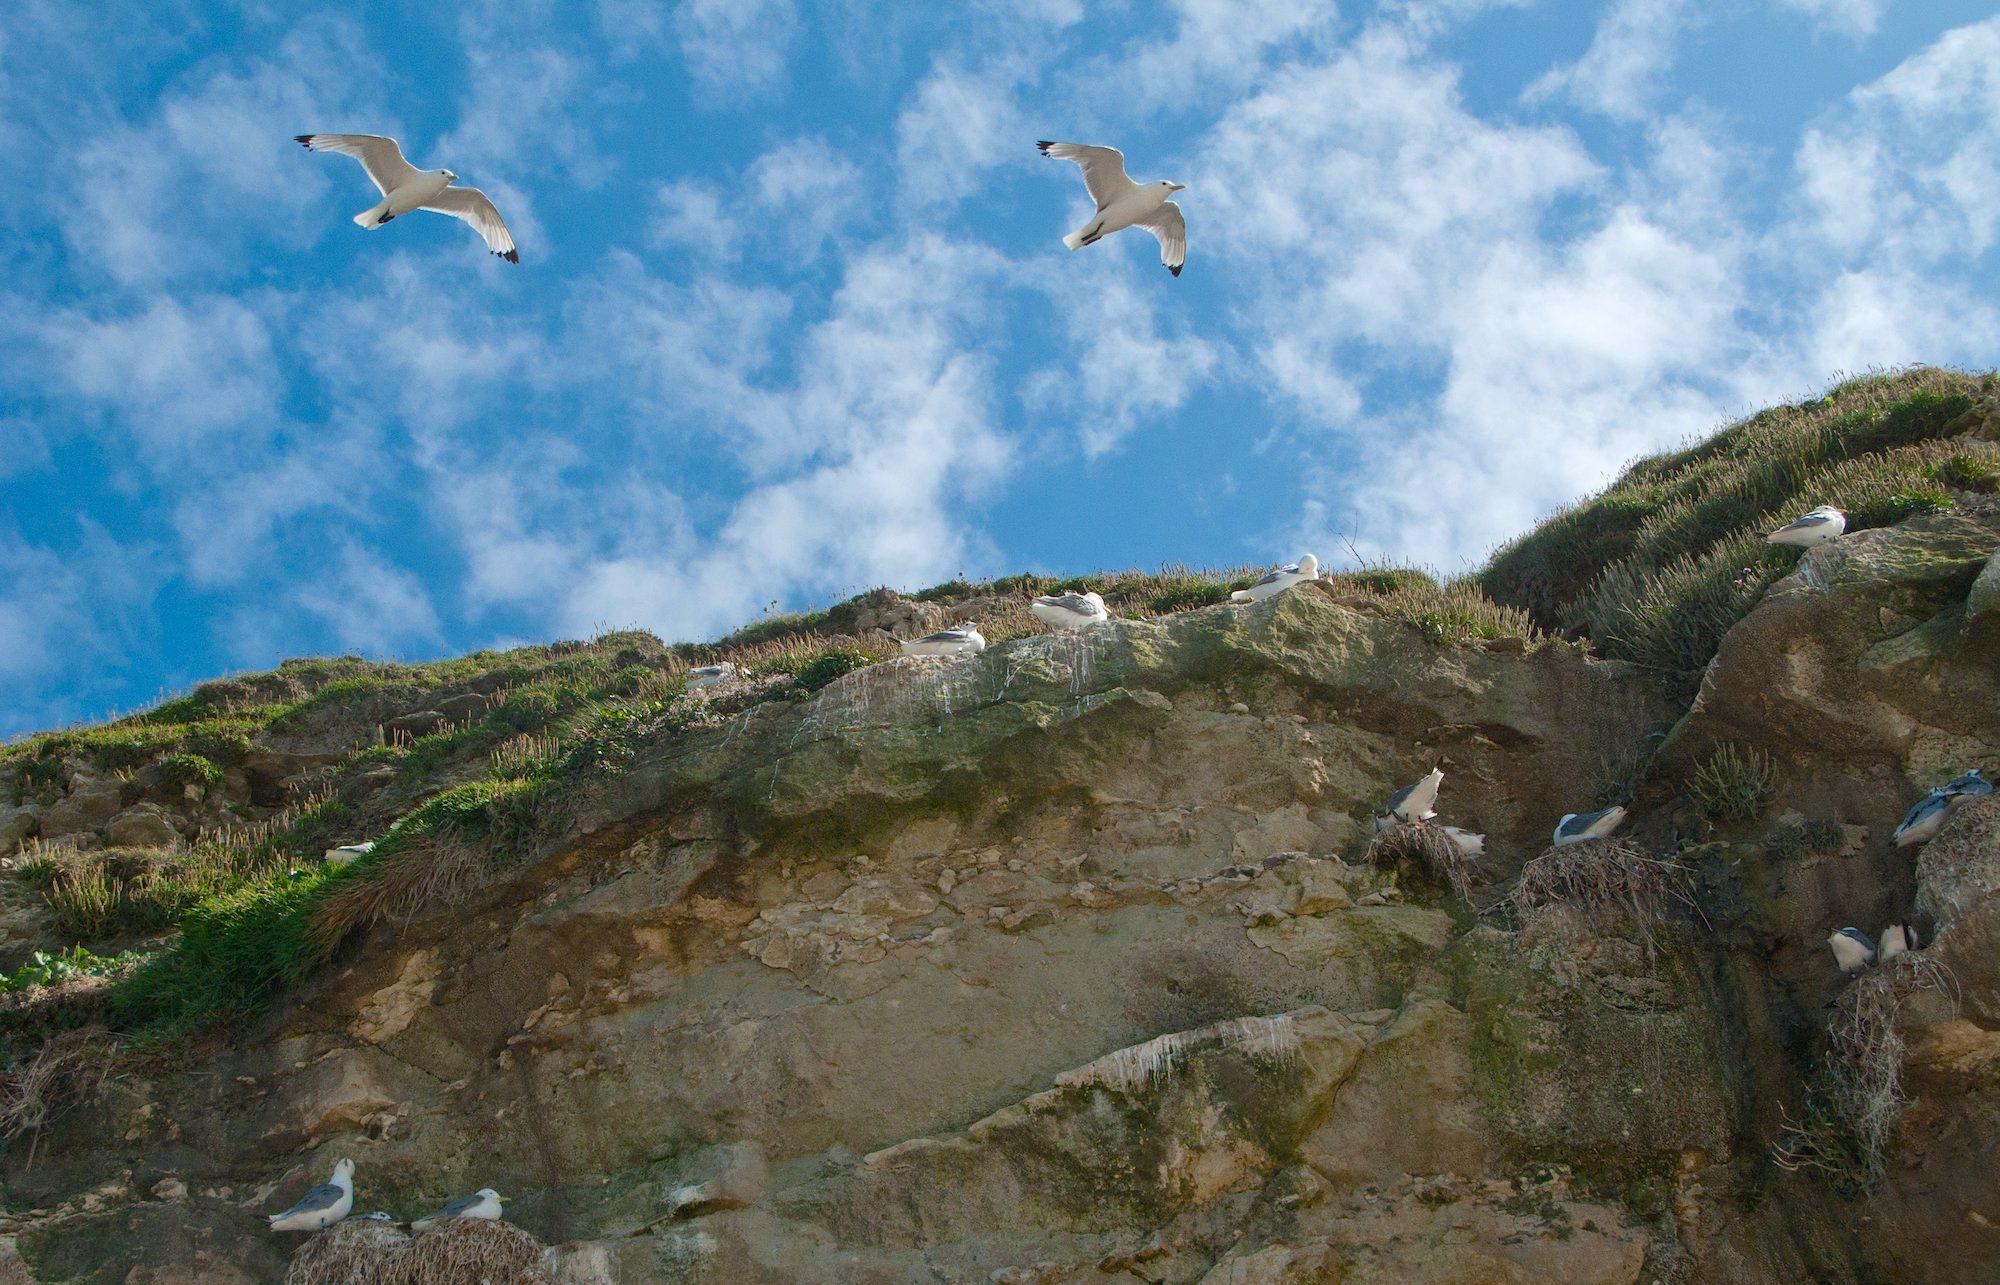 Danmarks største koloni af rider findes ved fuglefjeldet Bulbjerg (foto: Rune Engelbreth Larsen)